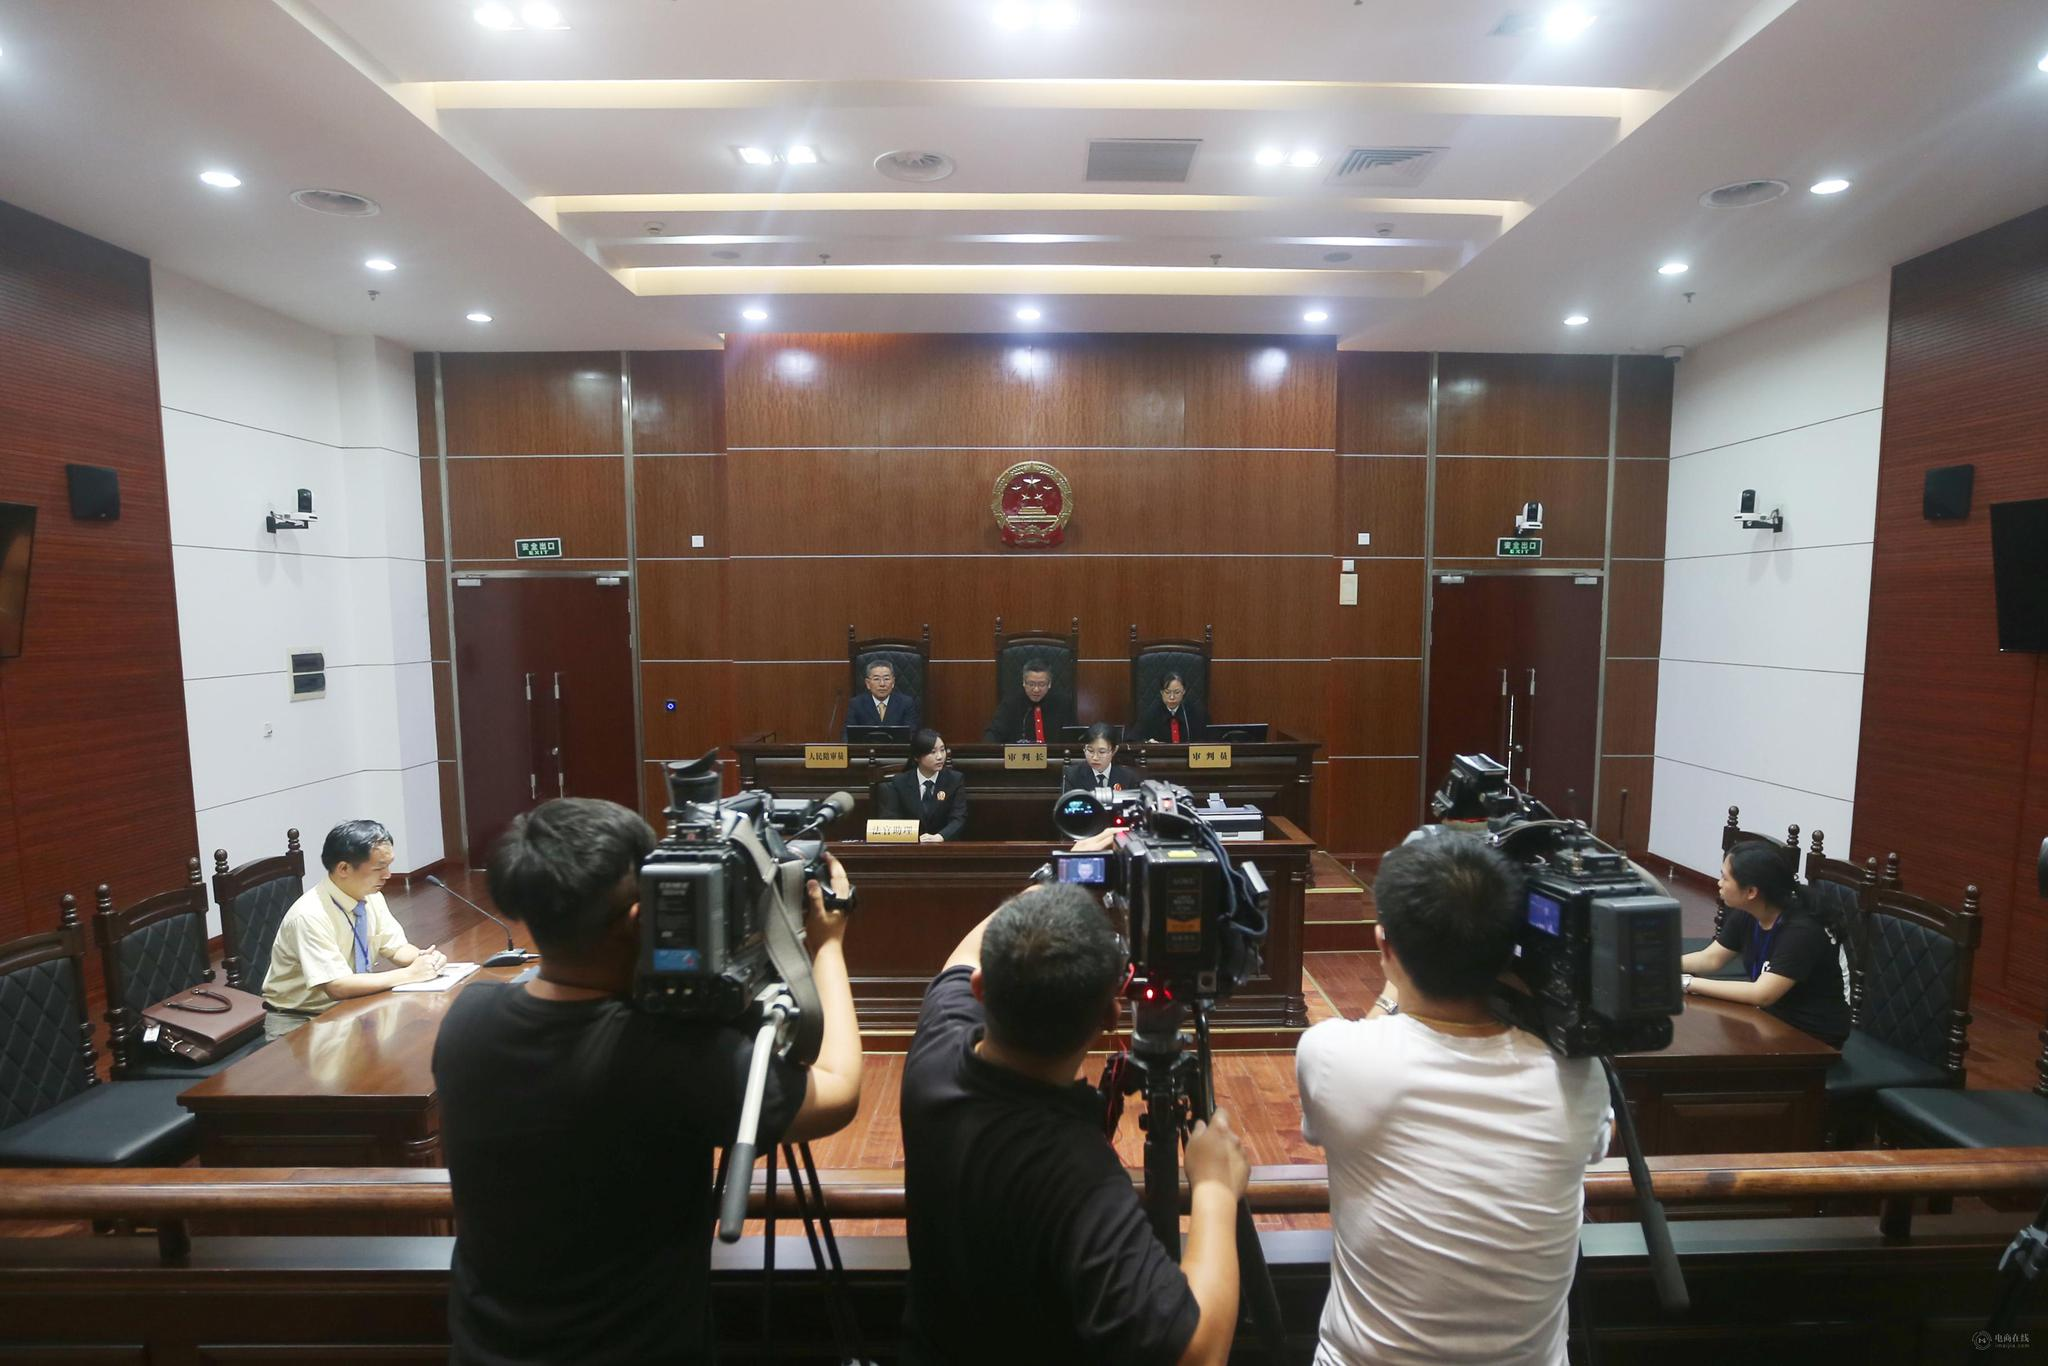 全国首例电商打假案在沪落槌,淘宝胜诉获赔12万元